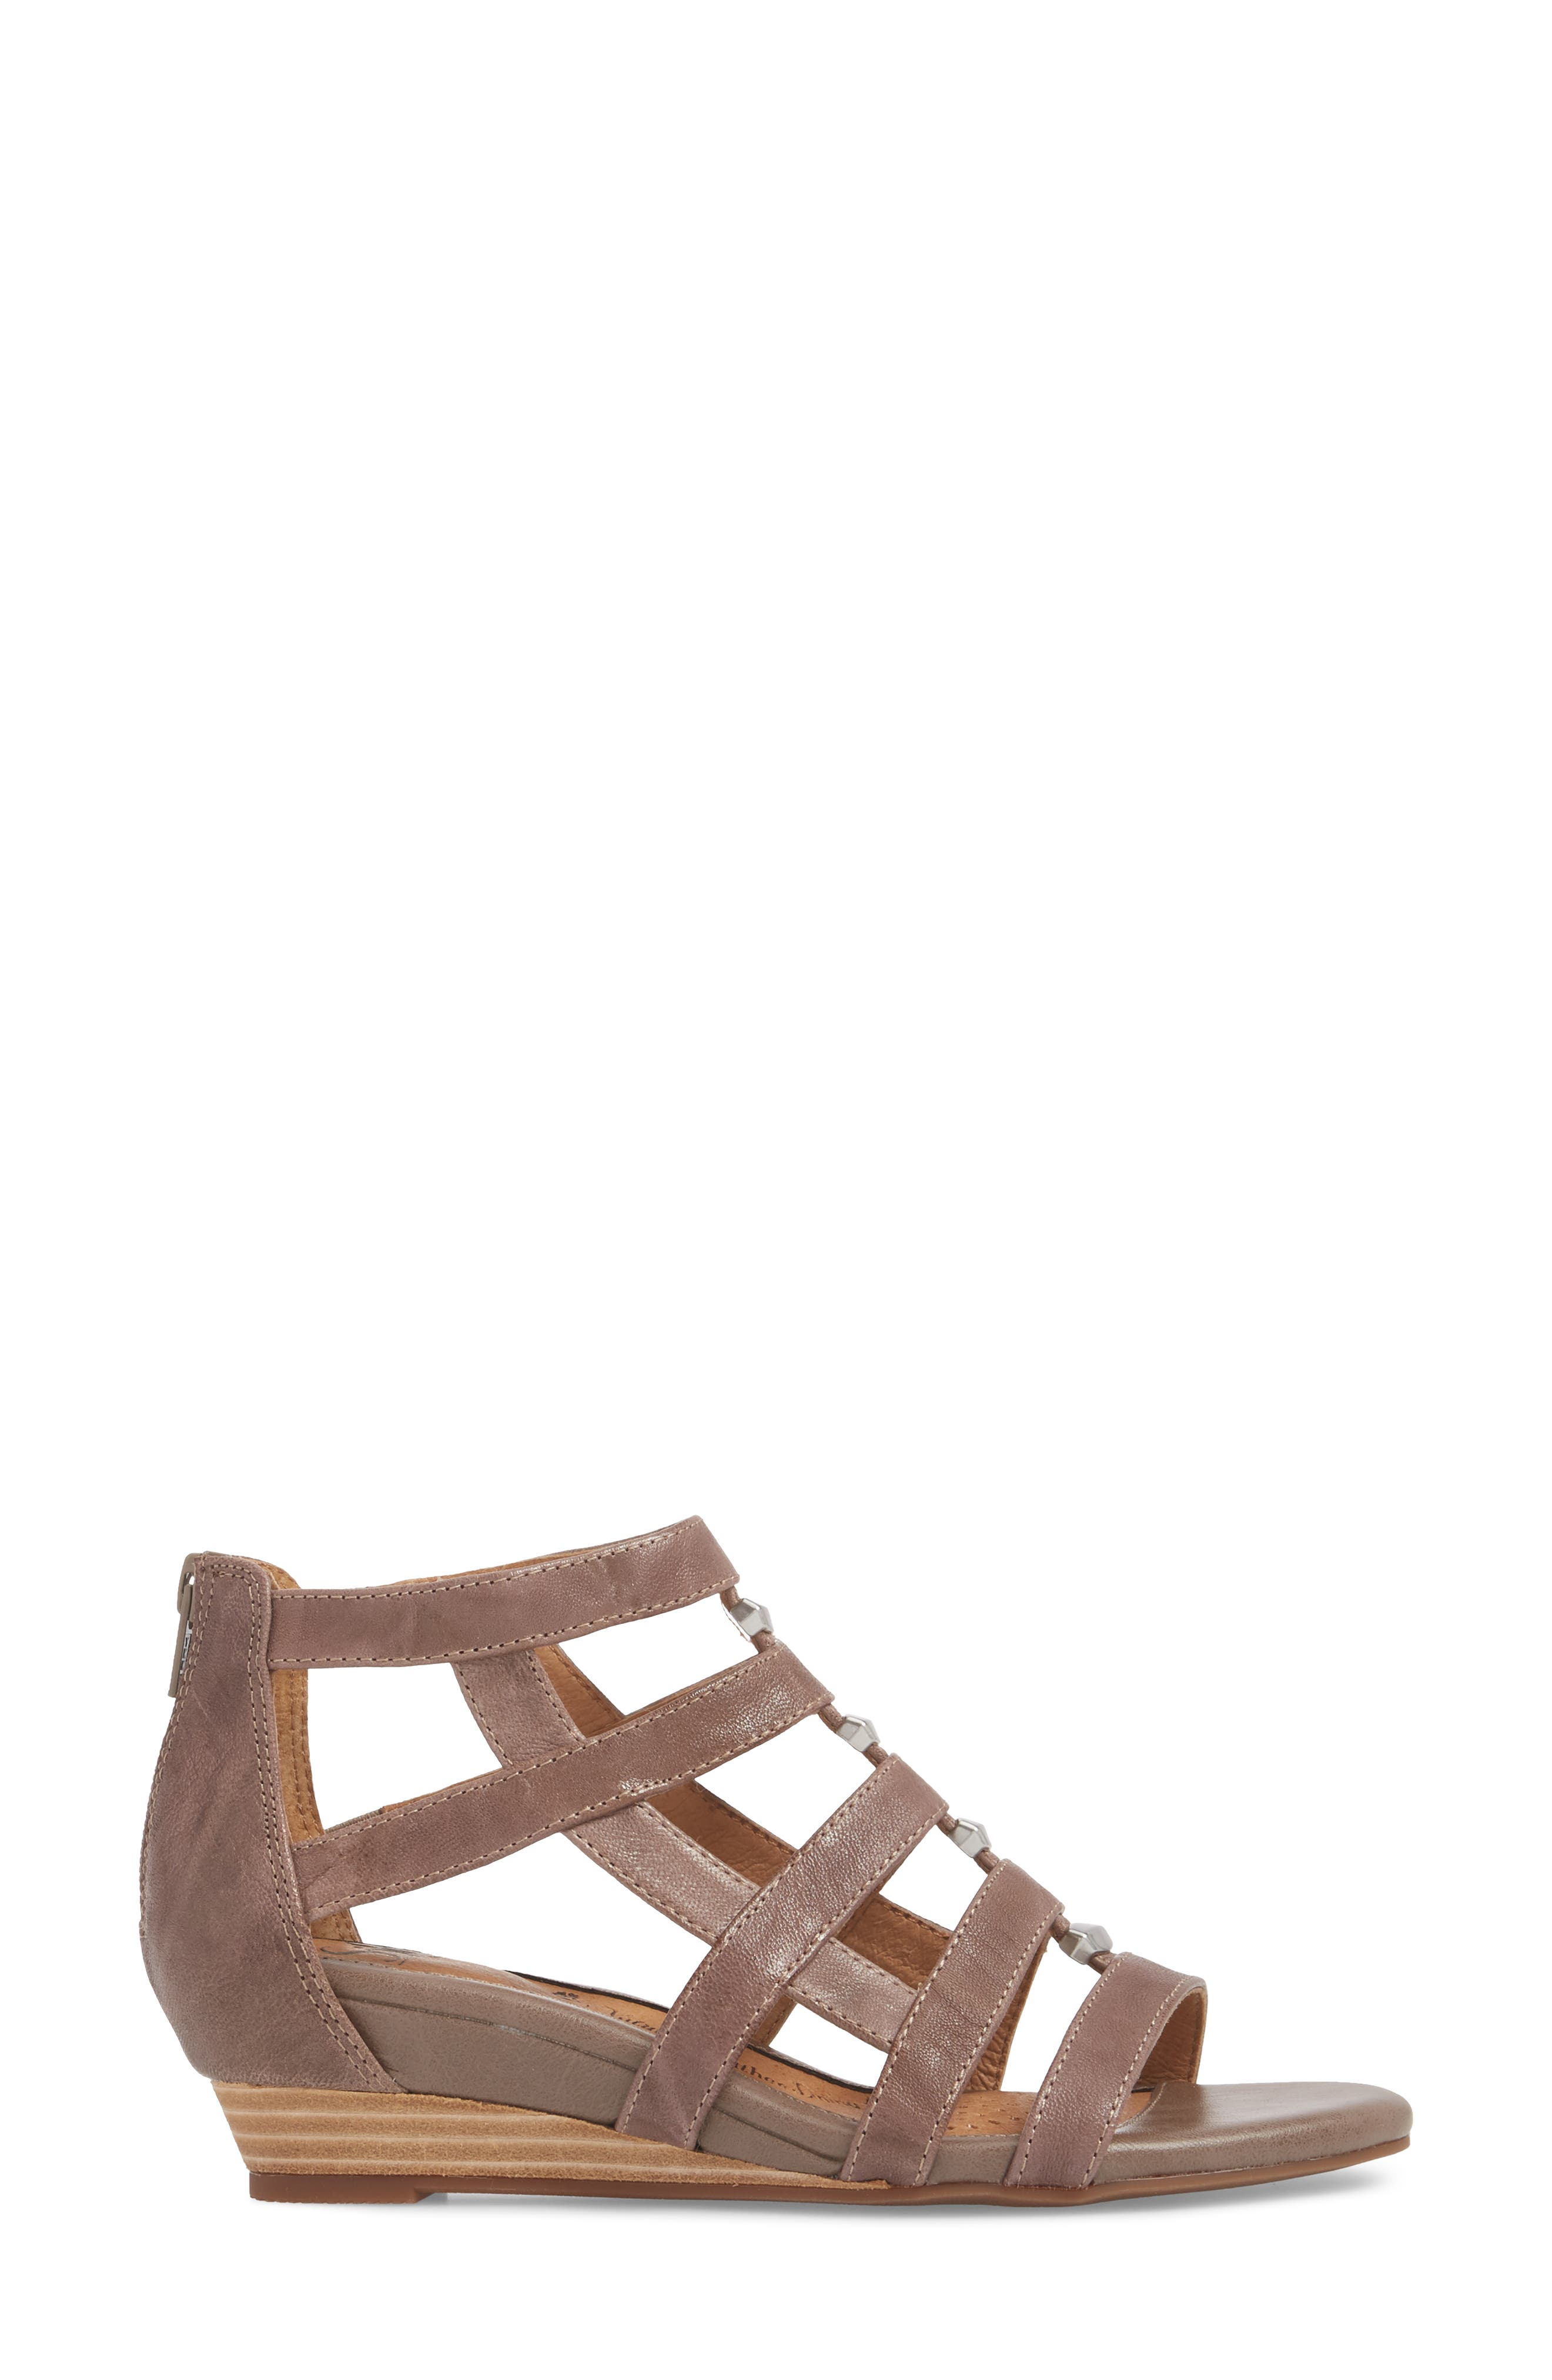 SÖFFT,                             Rio Gladiator Wedge Sandal,                             Alternate thumbnail 3, color,                             030